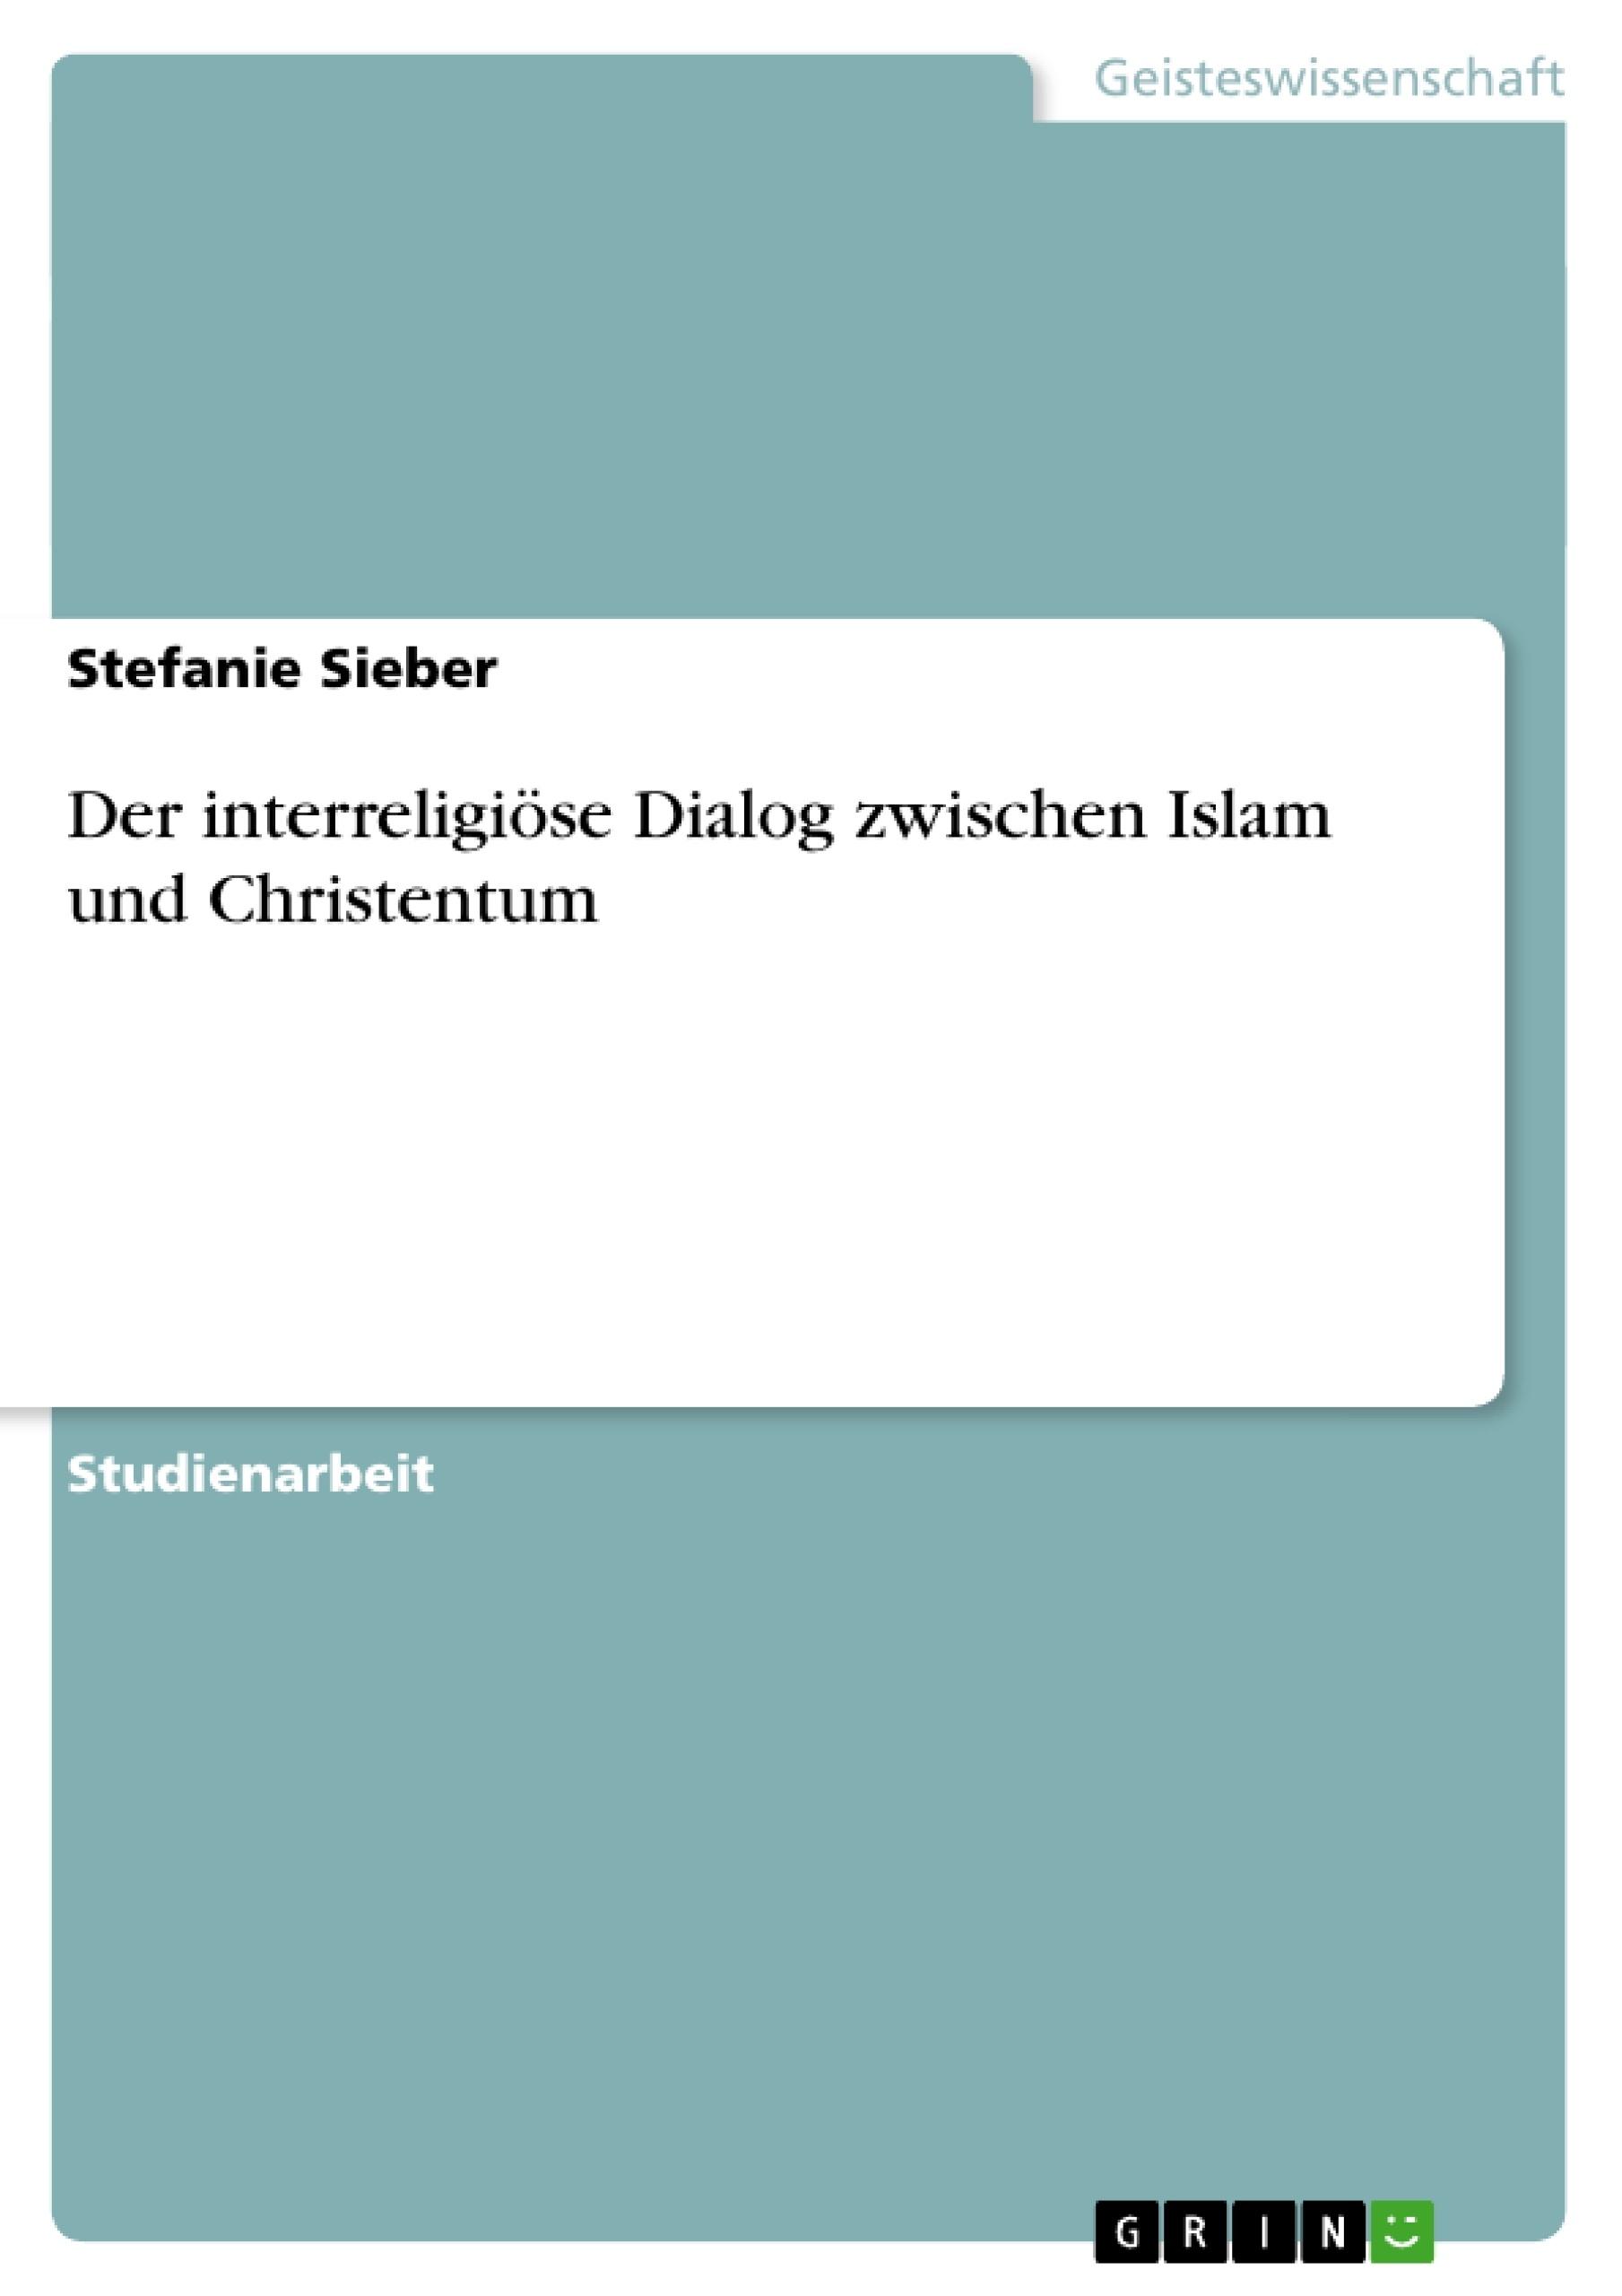 Titel: Der interreligiöse Dialog zwischen Islam und Christentum